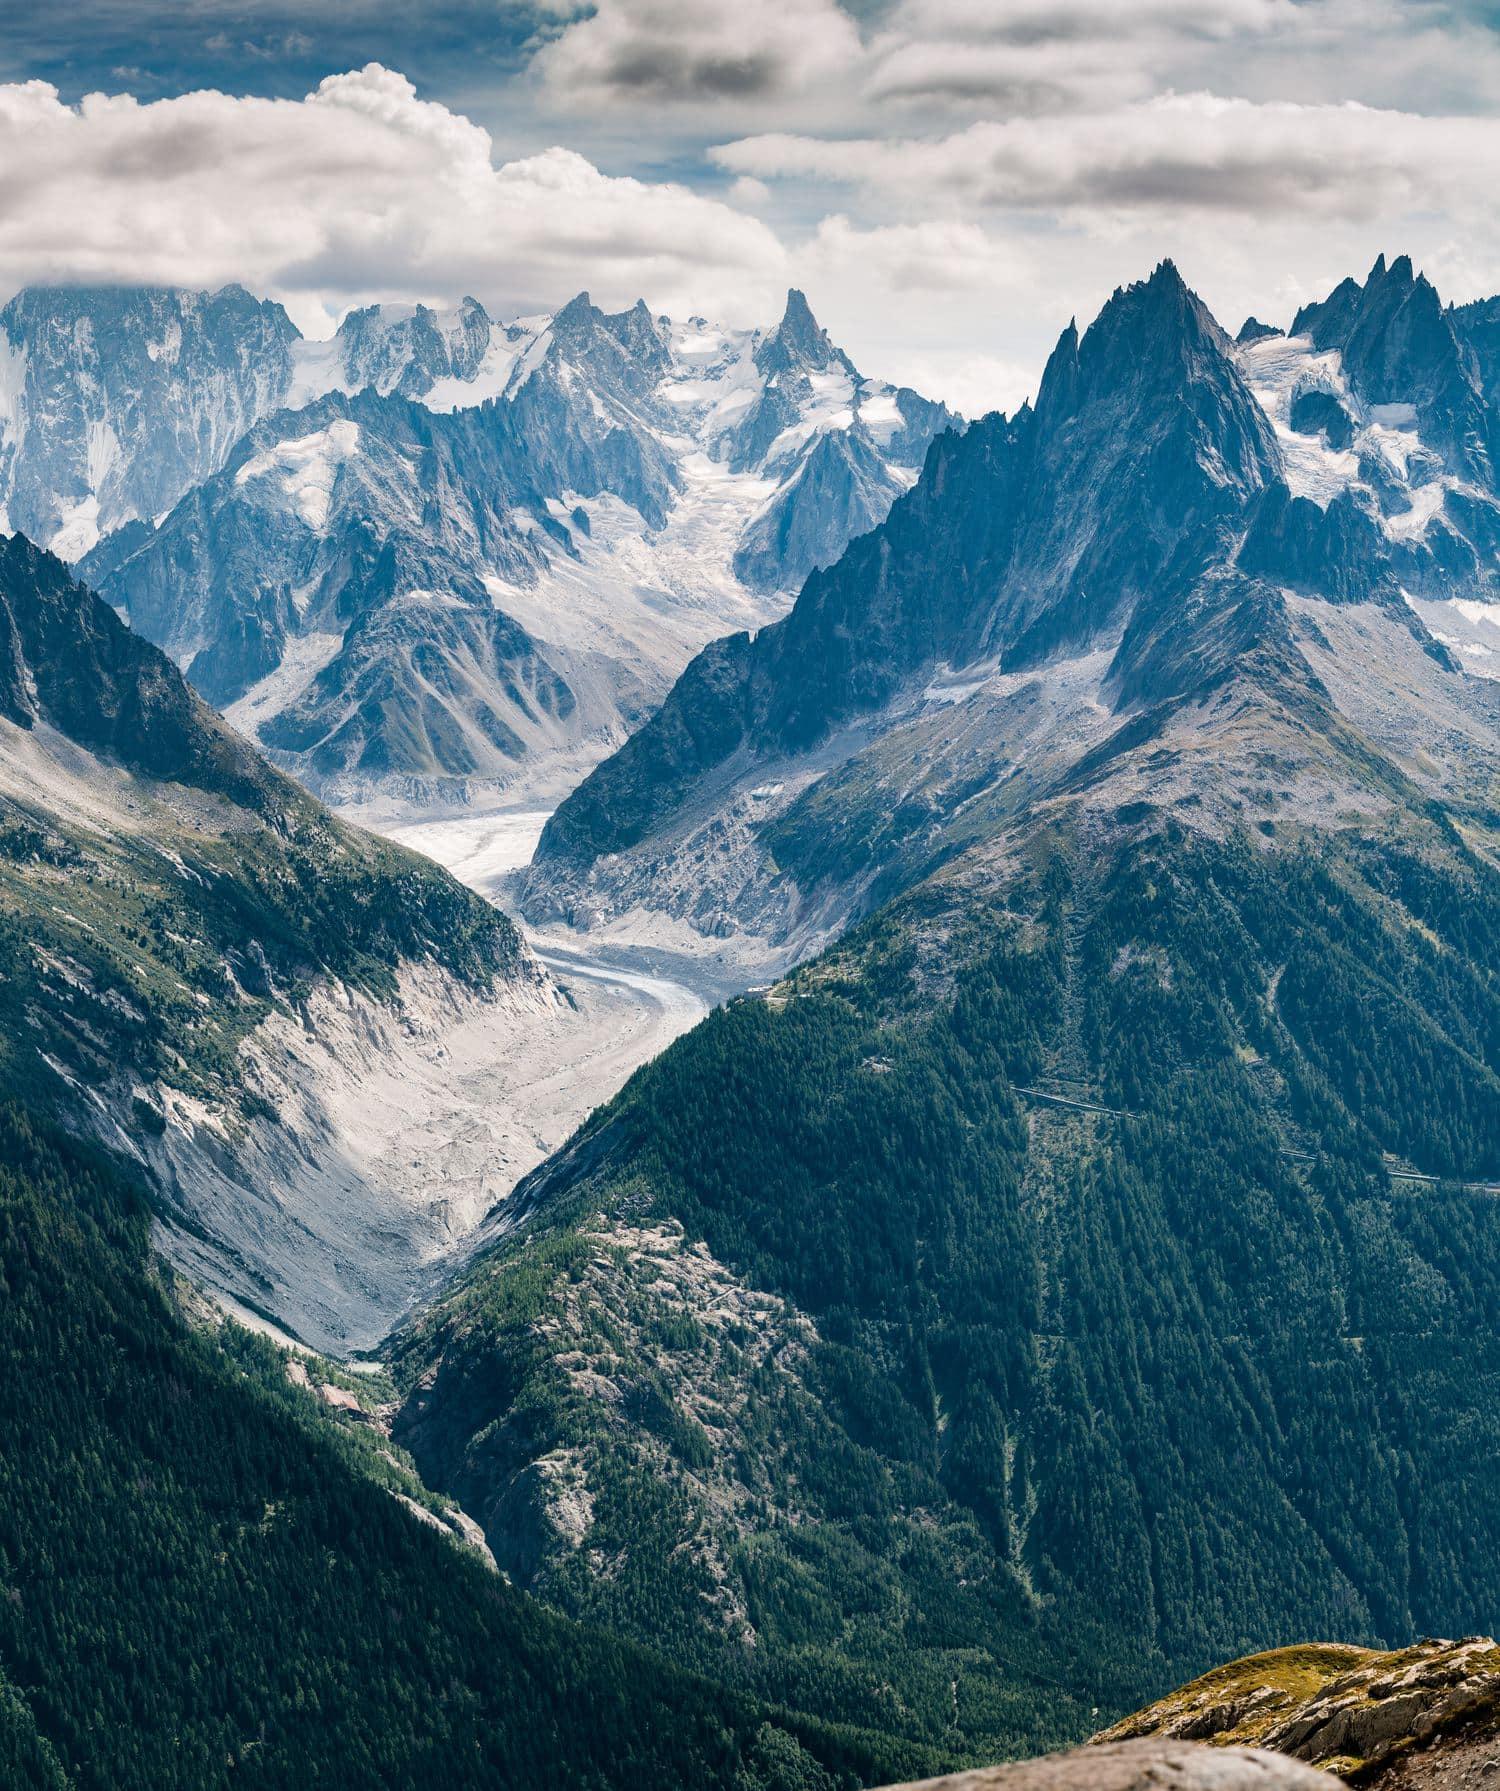 fotografía paisajes montañas con nieve